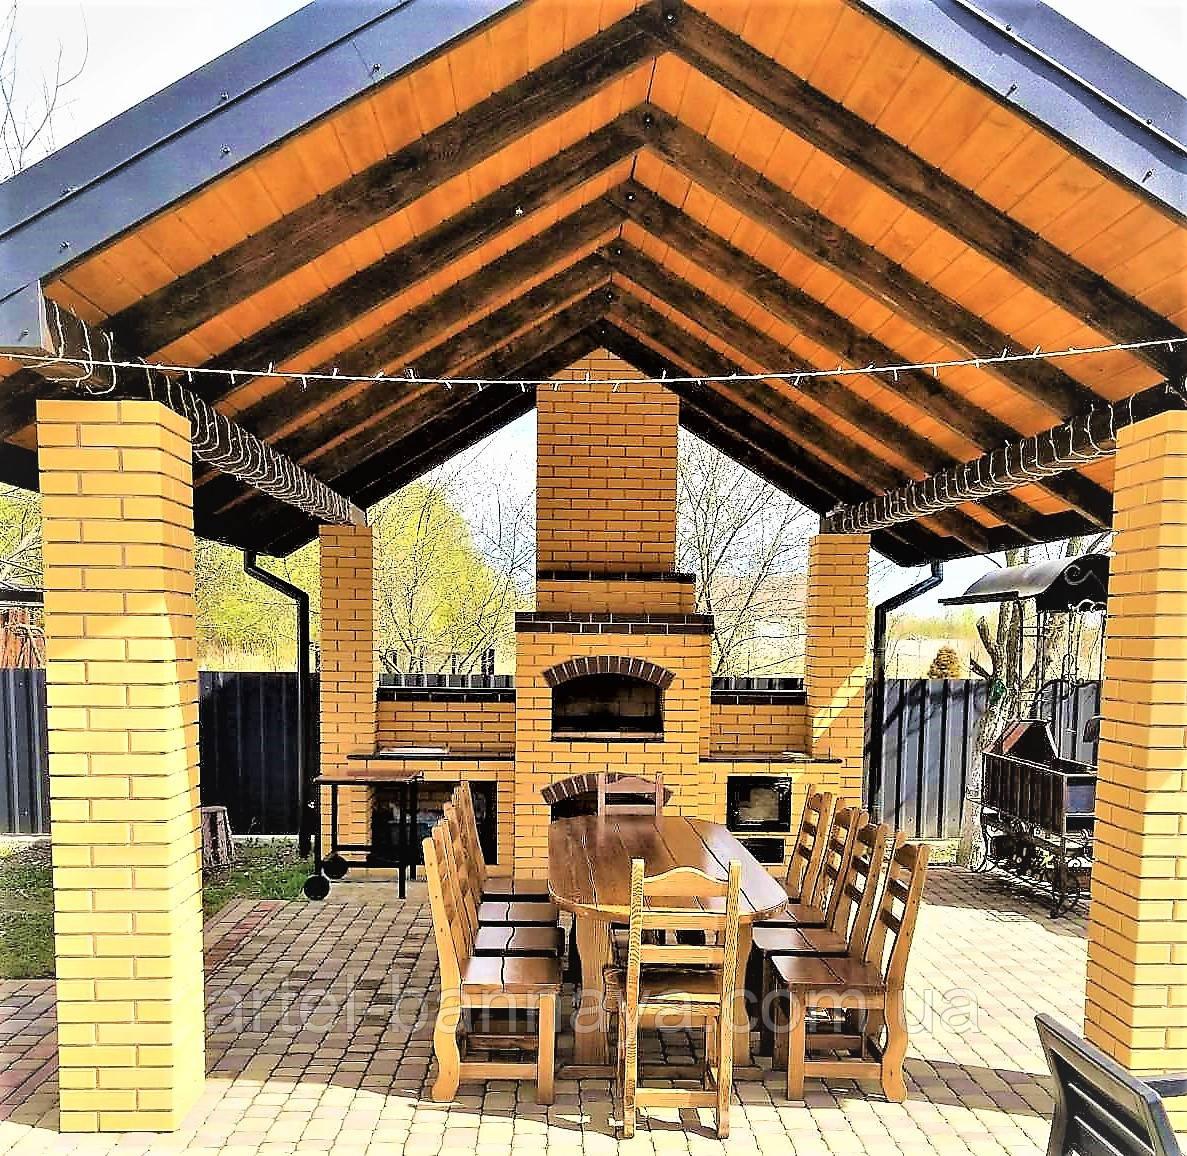 Садовая мебель из массива дерева 2500х1000 от производителя для дачи, кафе, комплект Furniture set - 21/2